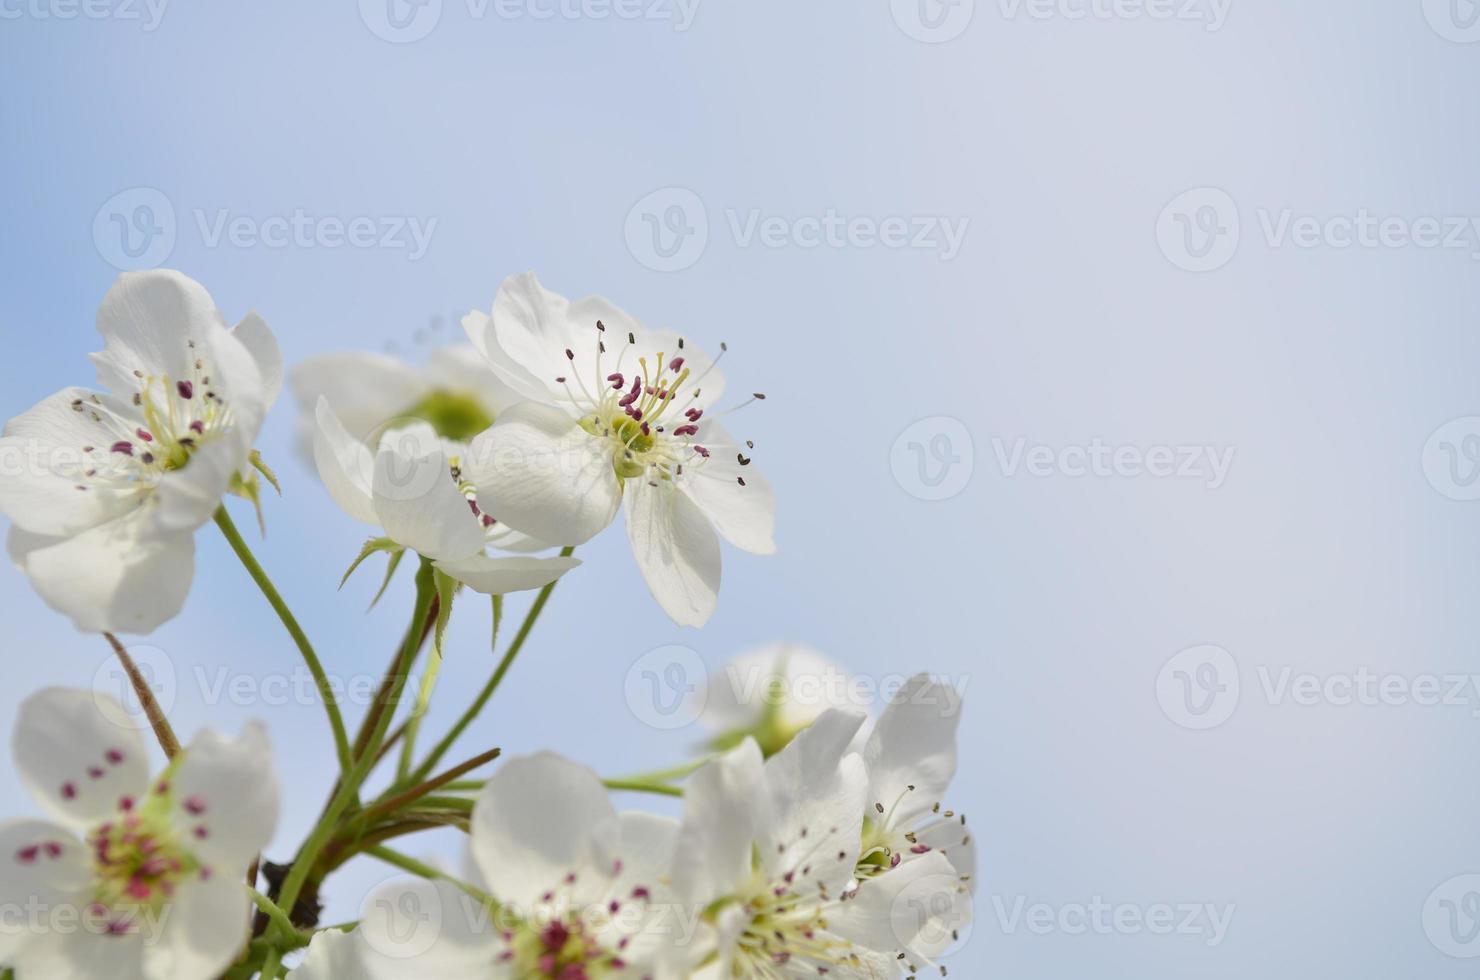 primo piano dei fiori di pera foto